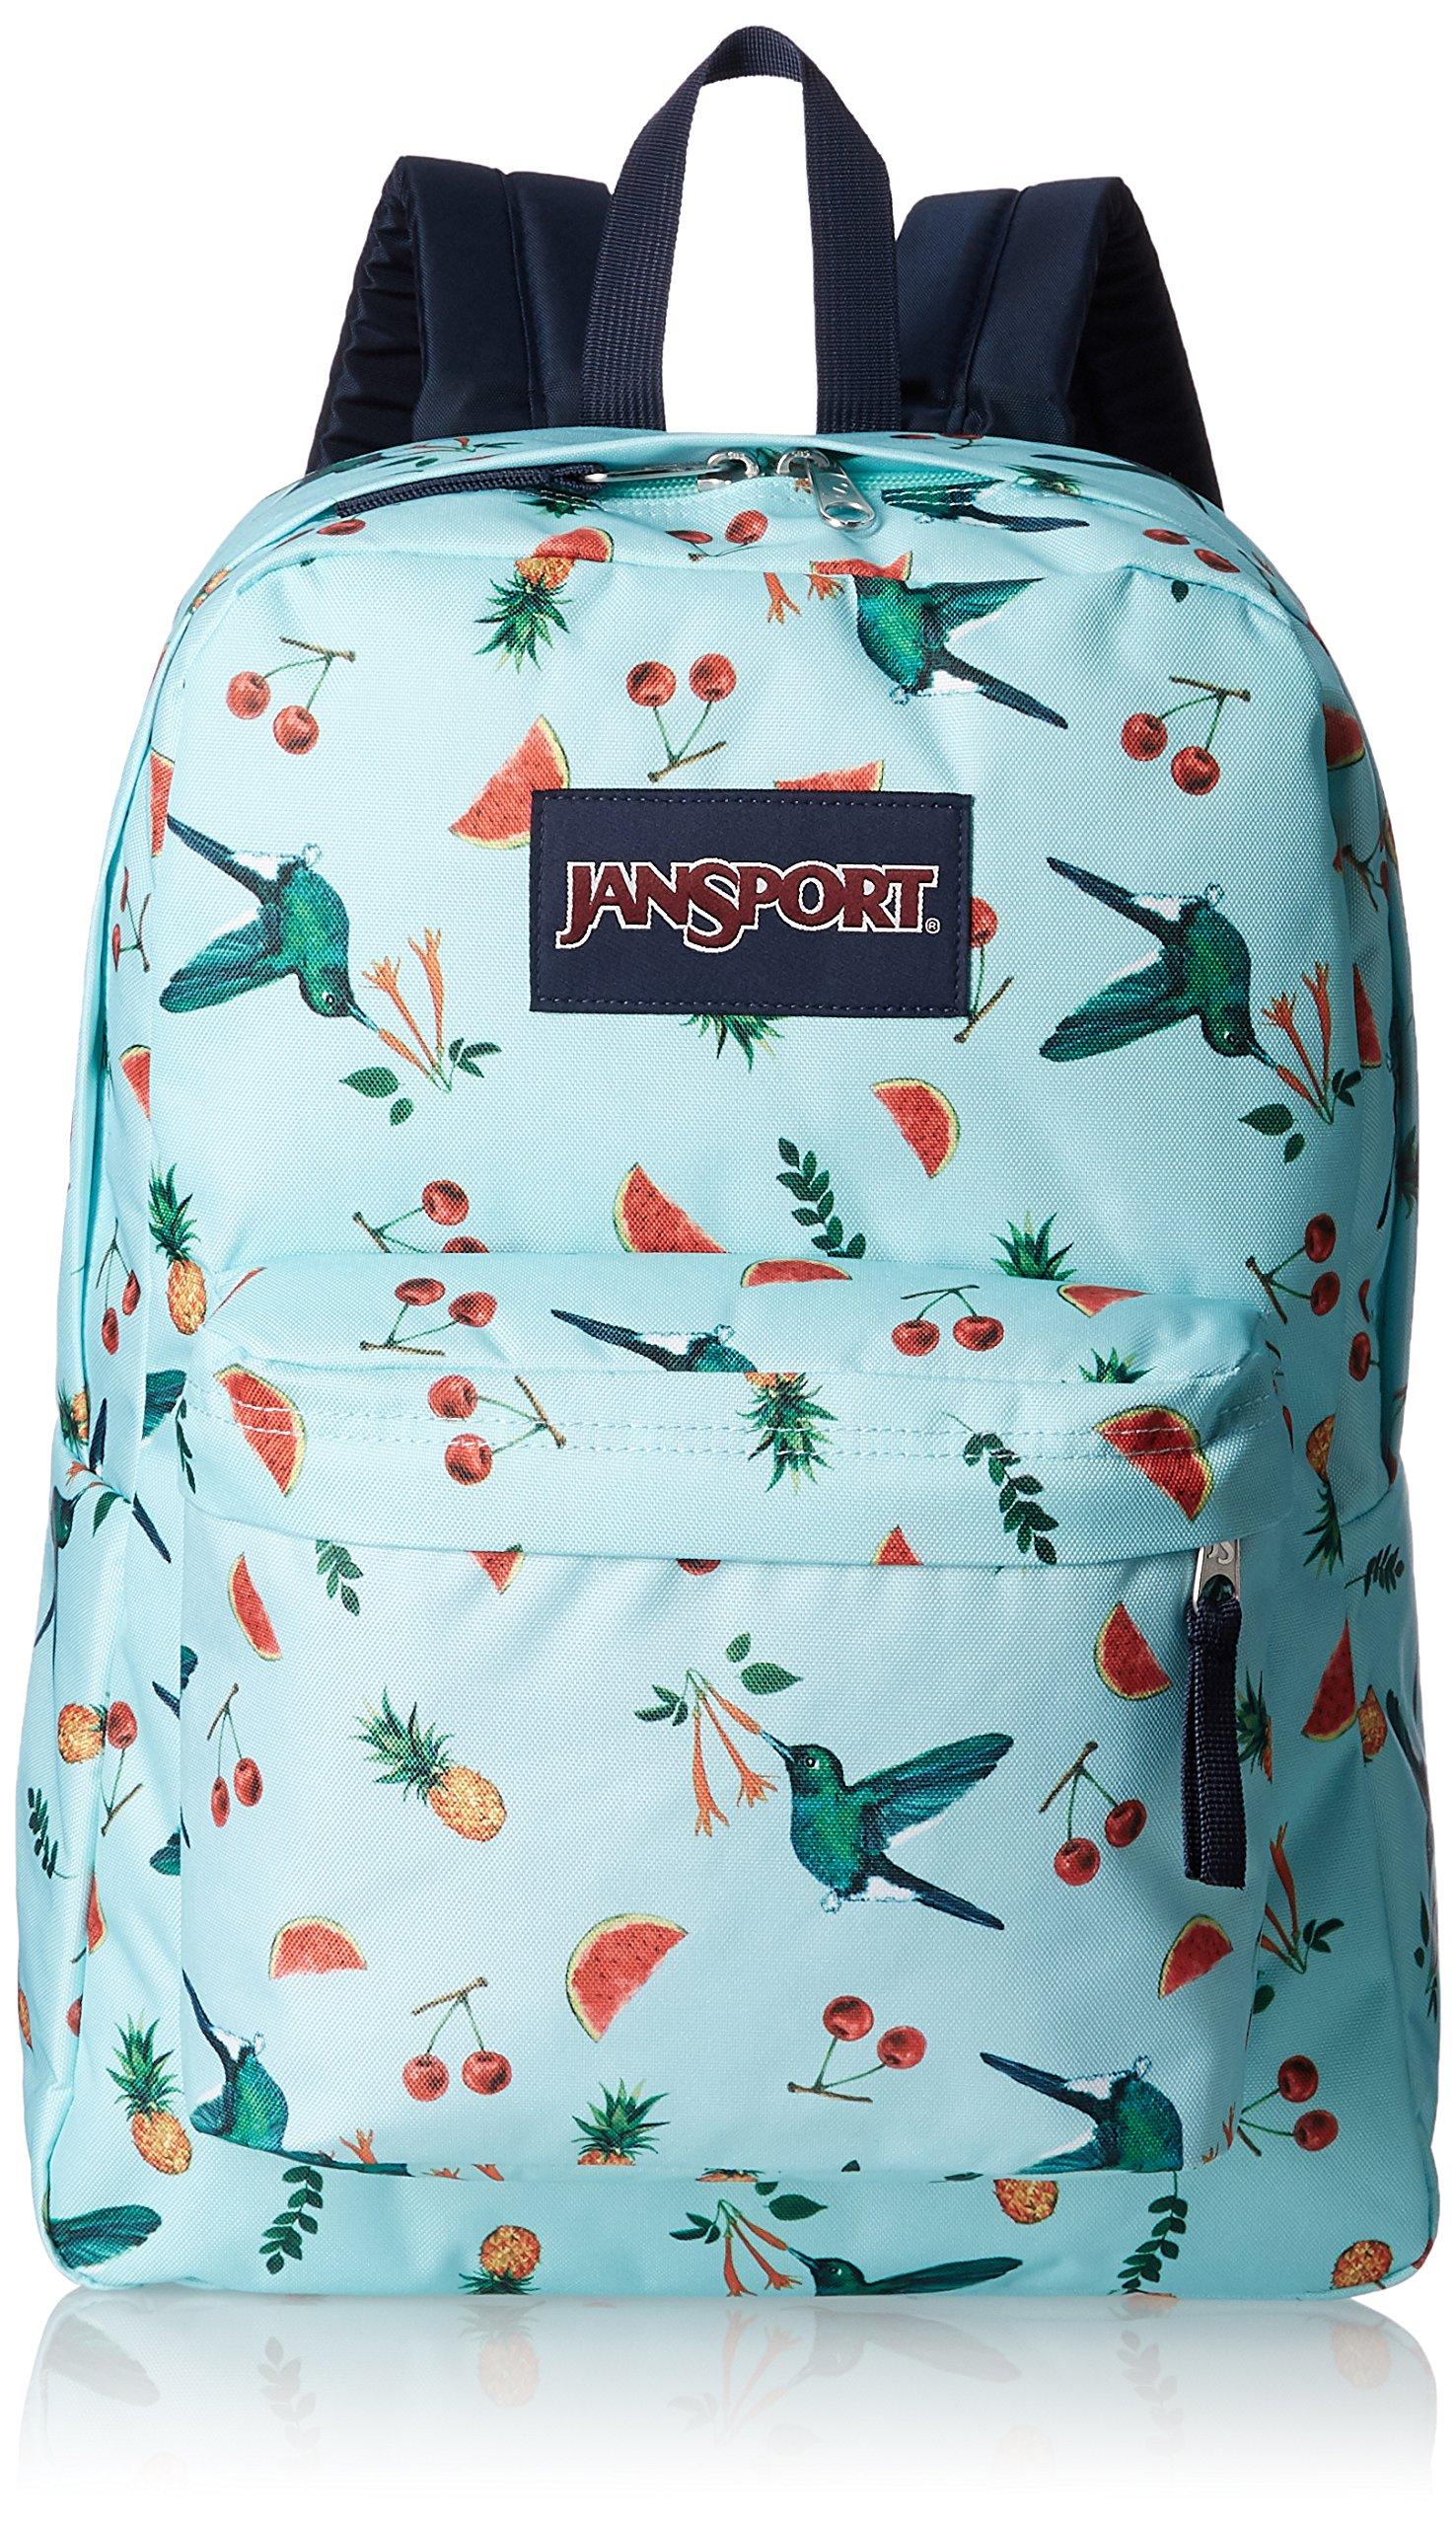 JanSport Superbreak Backpack - Sweet Nectar Limited Edition by JanSport (Image #1)